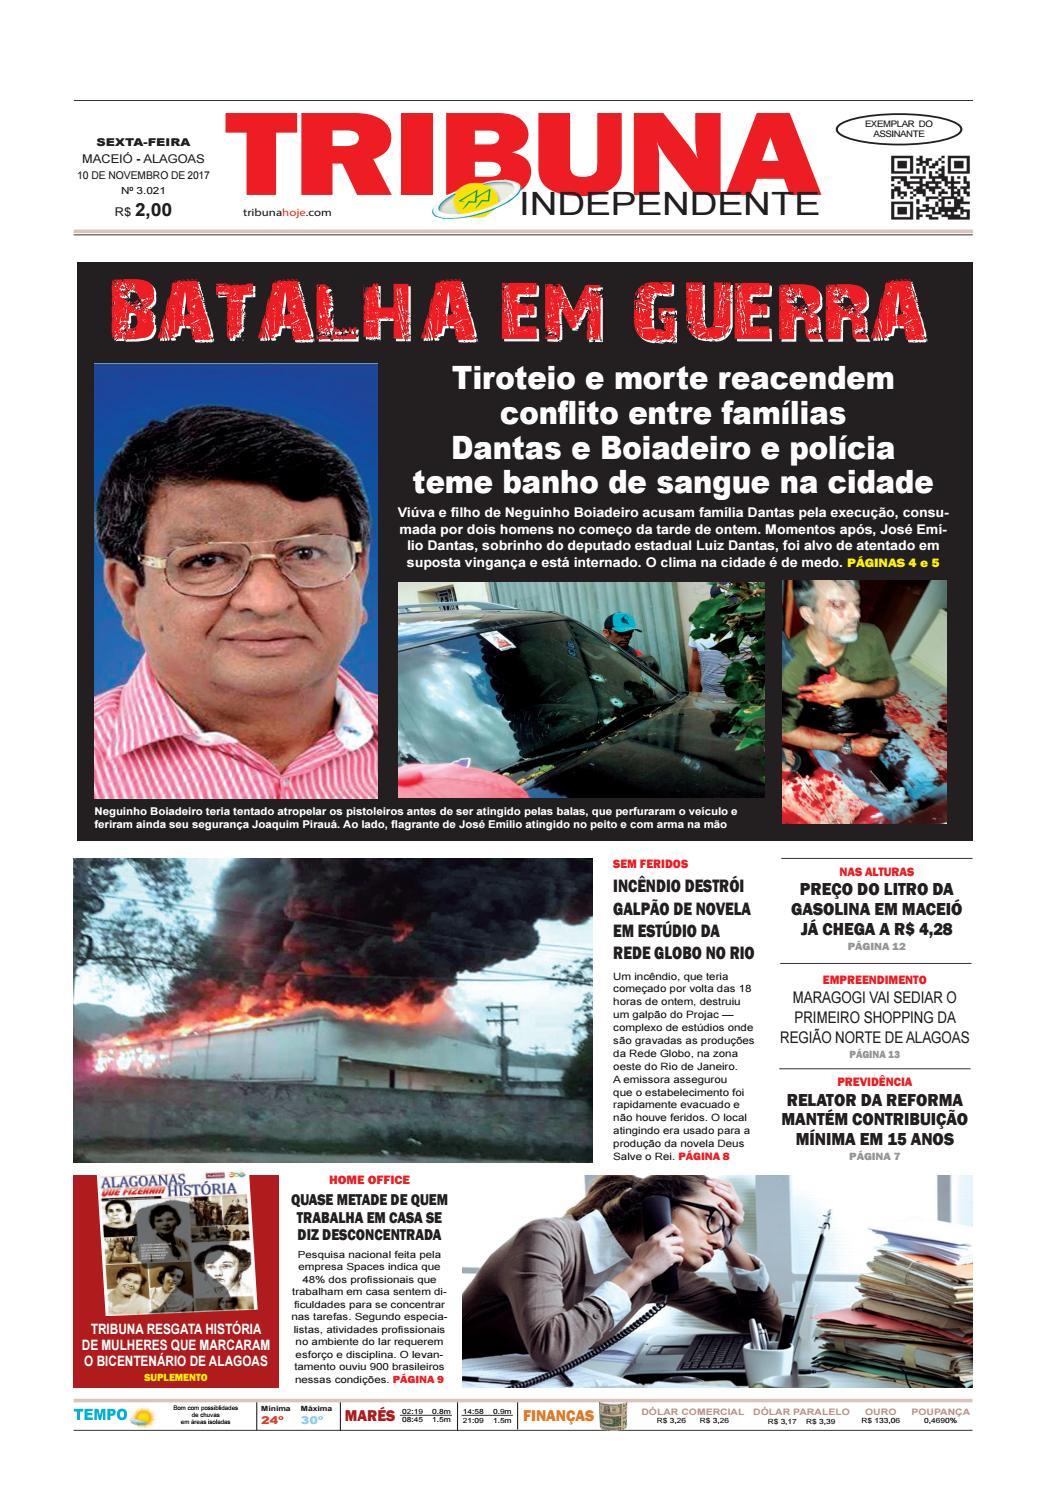 092b5f7cb4cca Edição número 3021 - 10 de novembro de 2017 by Tribuna Hoje - issuu